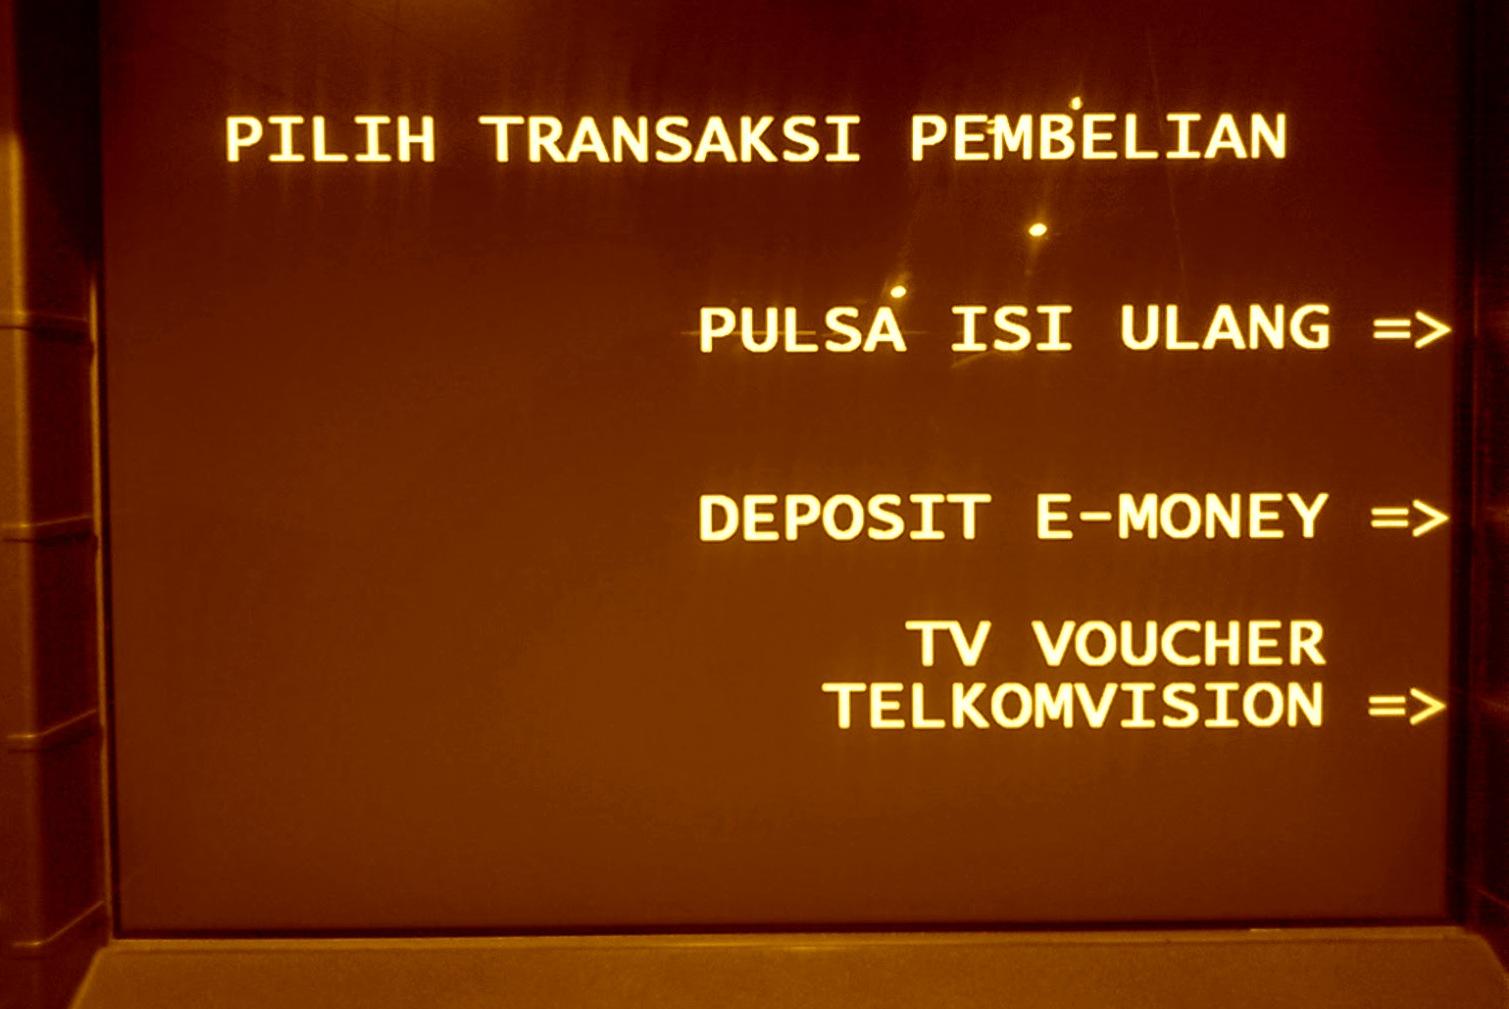 Herannya, sebagian teman KKN baru tahu kalau ATM bisa digunakan untuk ...